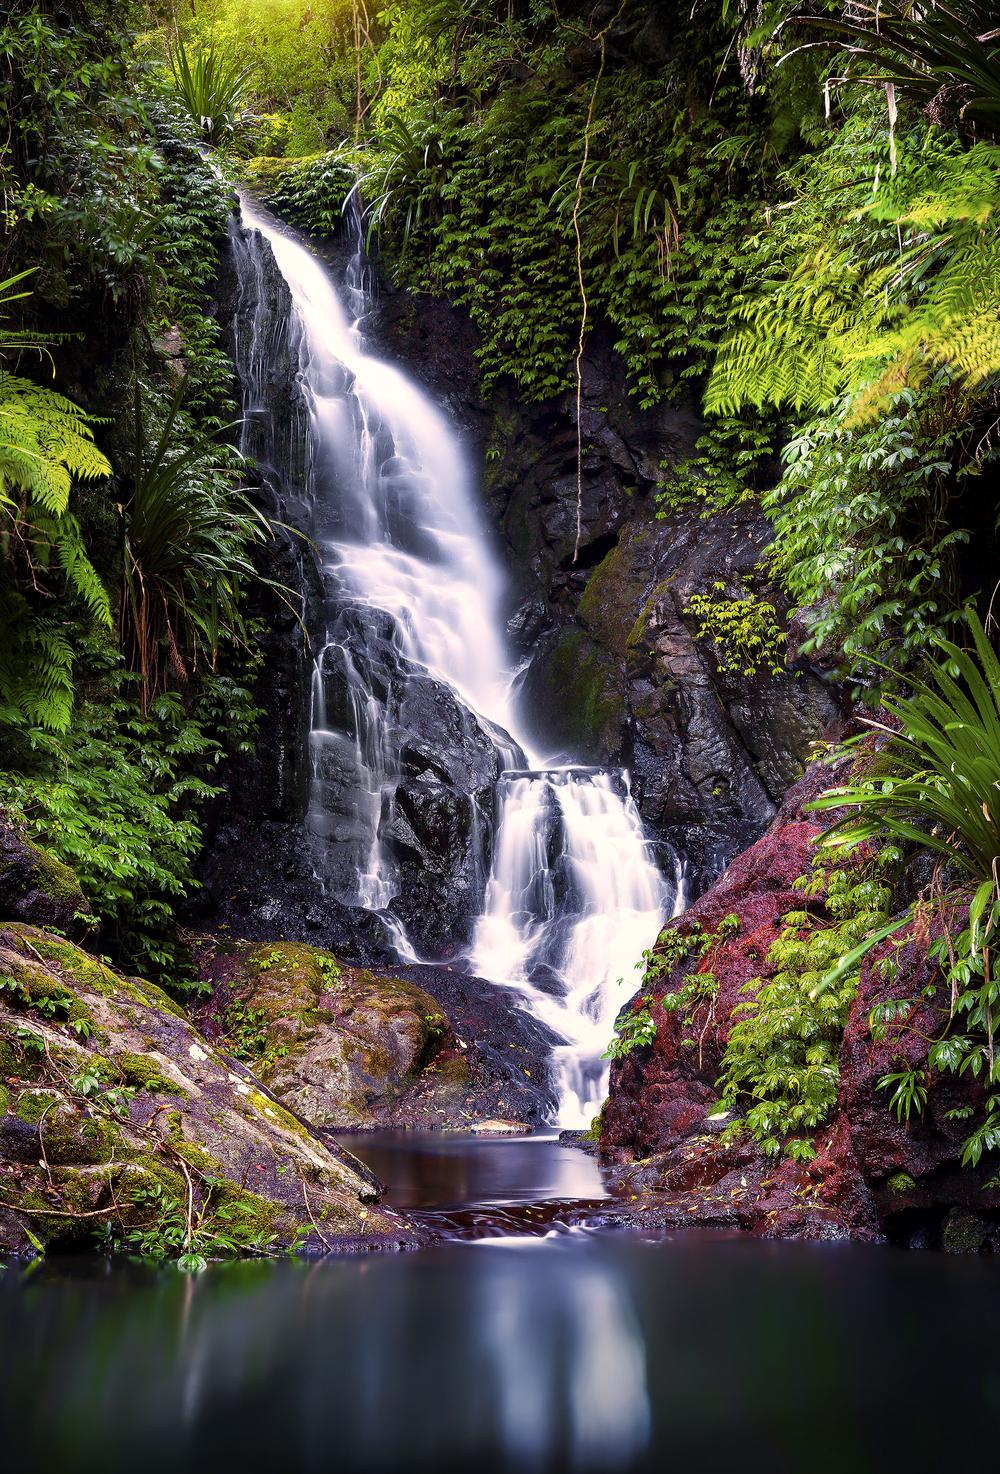 Upper Elabana Falls, Gold Coast Hinterland, Australia